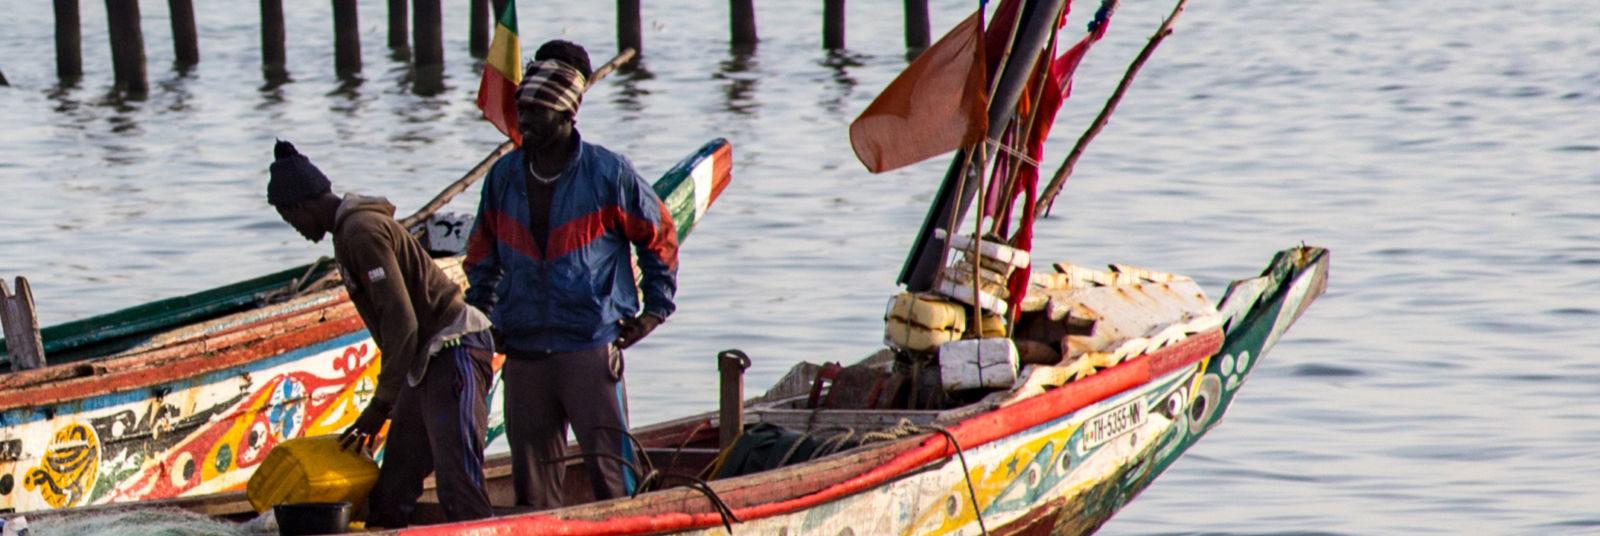 yogavakantie Senegal vissers in kleurrijke bootjes